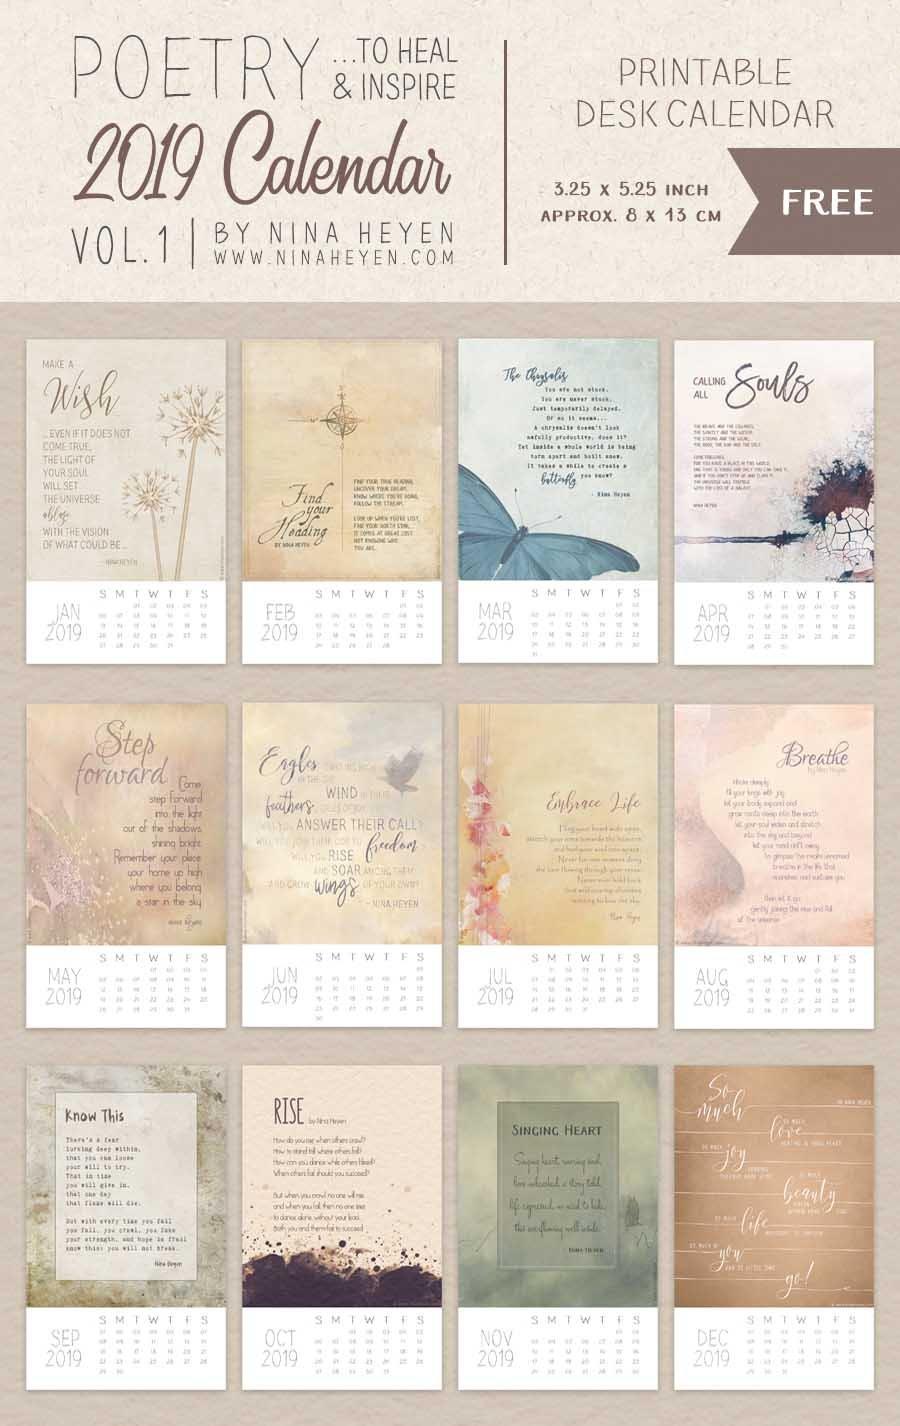 Poetry Calendars | Free Printable 2019 Desk & Wall Calendars | Nina Calendar 2019 Inspirational